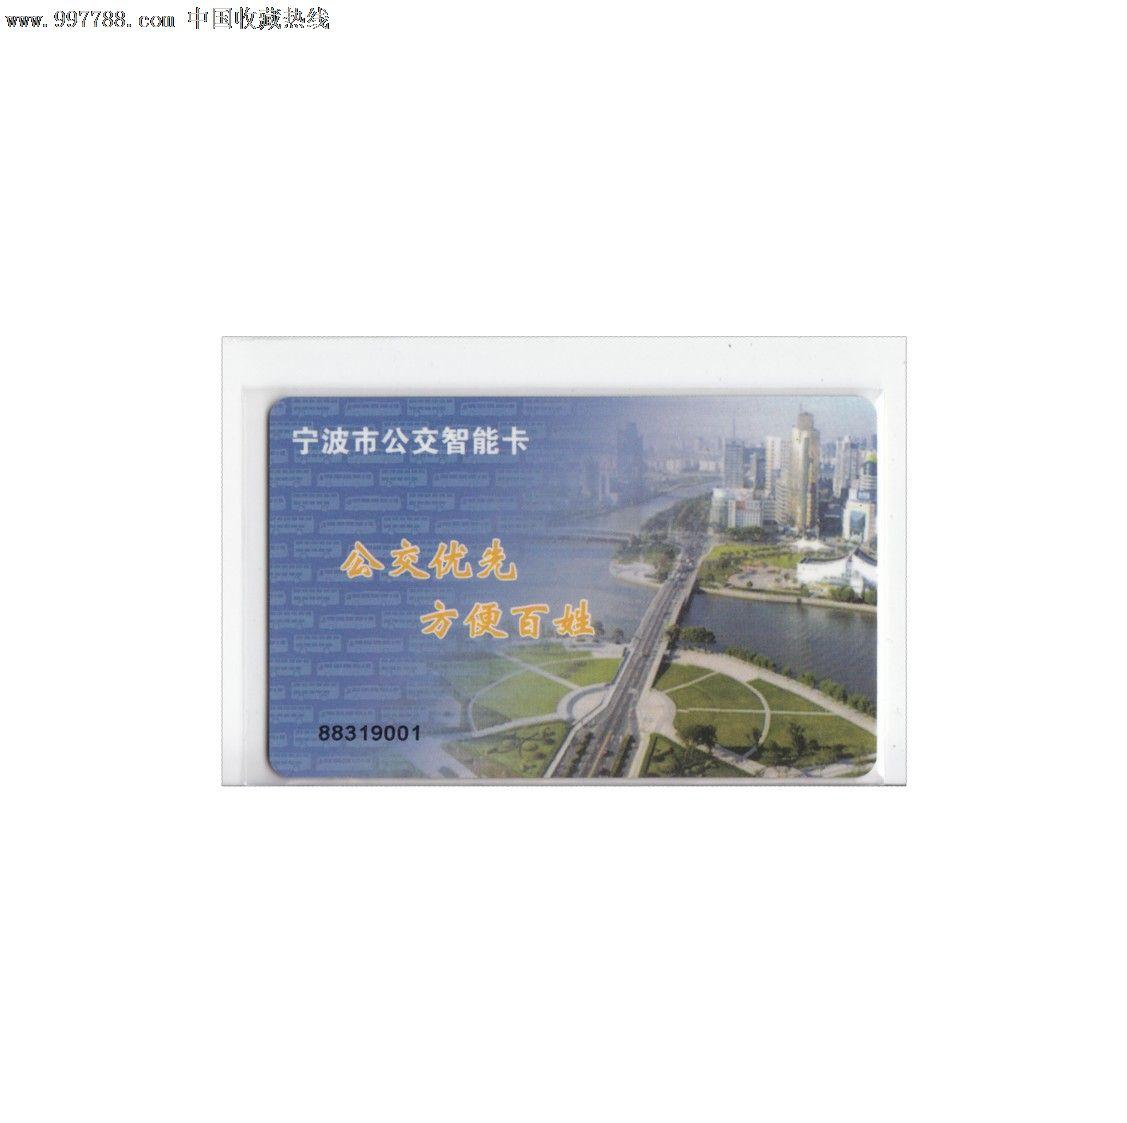 宁波公交卡挂失_宁波公交卡